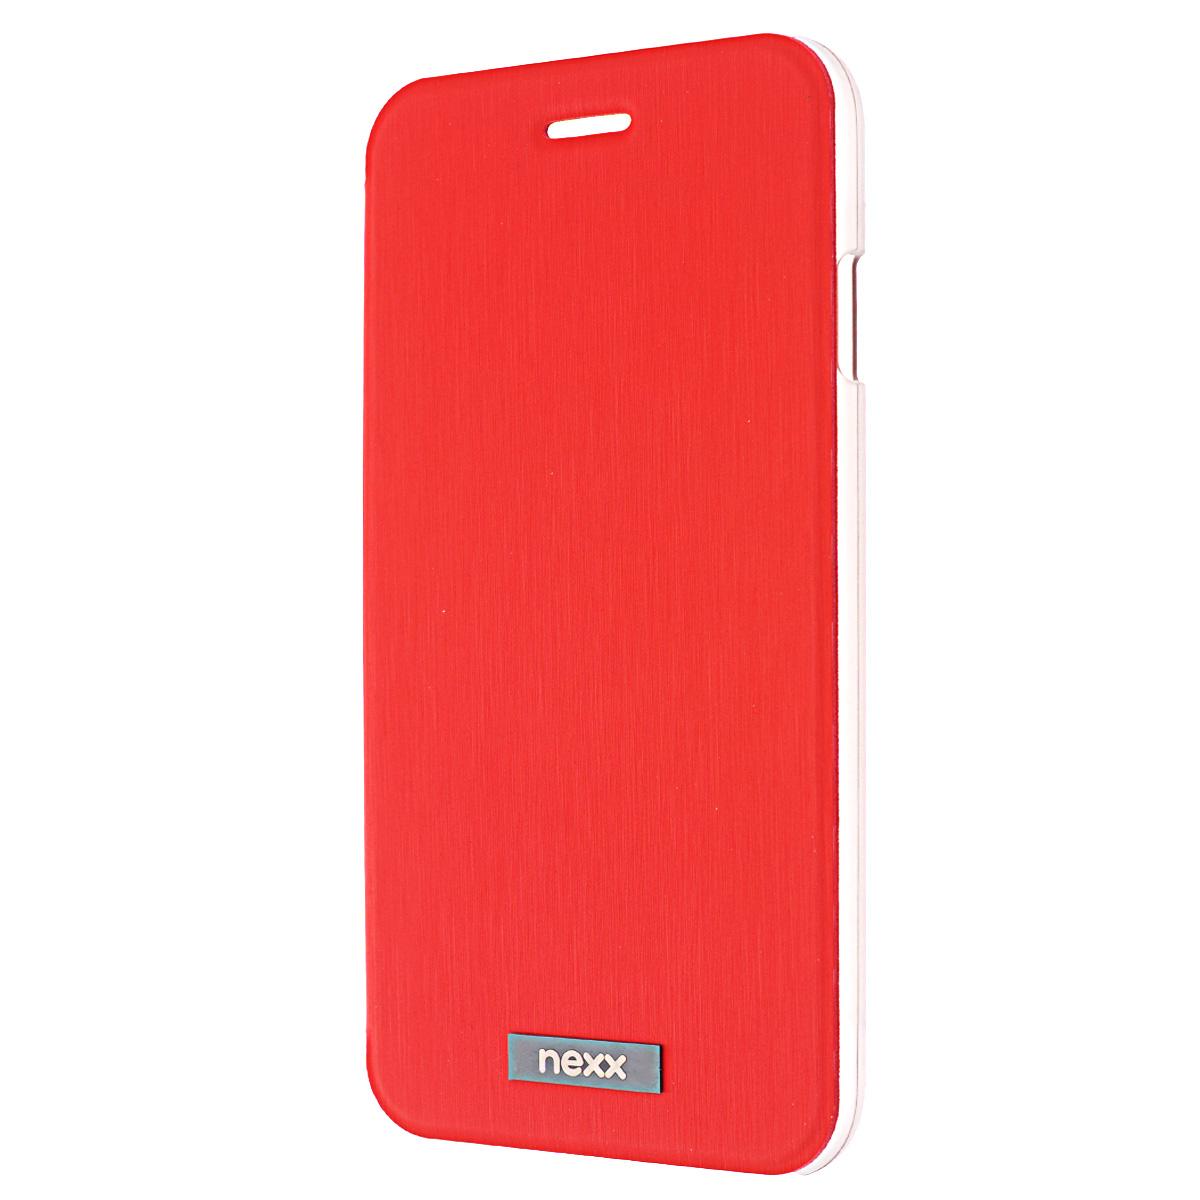 Nexx Ultra S чехол для iPhone 6, RedNX-MB-US-104-RDУльтратонкий суперлегкий чехол Nexx Ultra S для iPhone 6. Элегантный дизайн, отделка из высококачественной эко-кожи и специальное отделение для пластиковой карты делают Ultra S незаменимым атрибутом делового стиля. Прозрачное пластиковое основание надежно фиксирует ваш смартфон и сохраняет его аутентичный дизайн. Тщательно продуманная конструкция Ultra S обеспечивает полный доступ ко всем функциям устройства, а подкладка из микрофибры защищает экран от царапин.